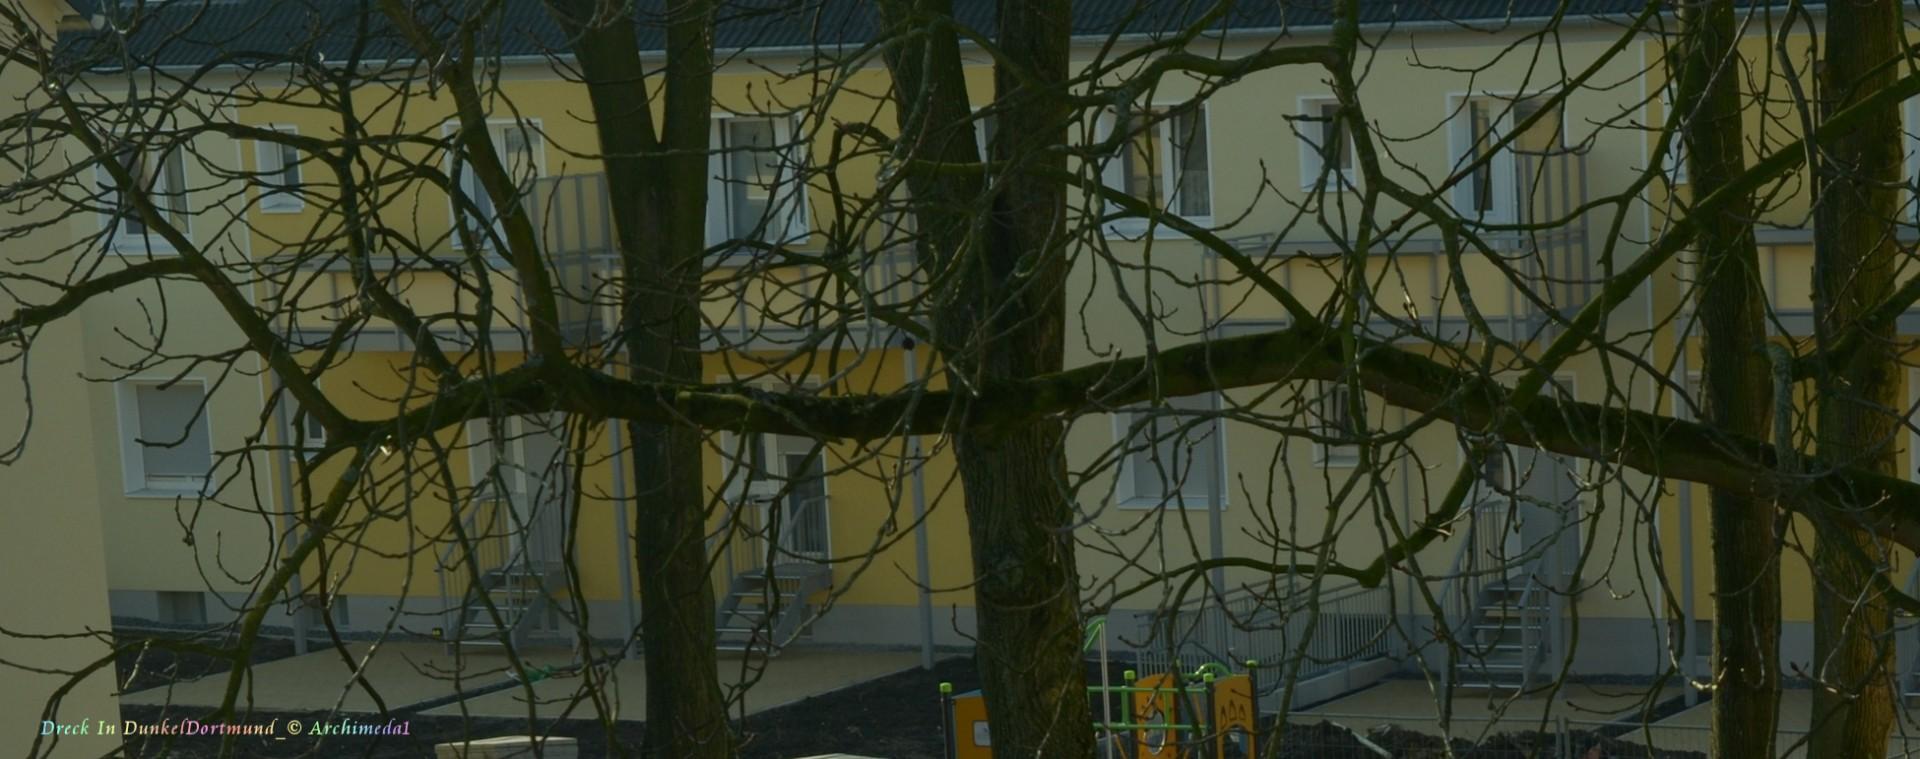 Dreck In DunkelDortmund_© Archimeda1-3